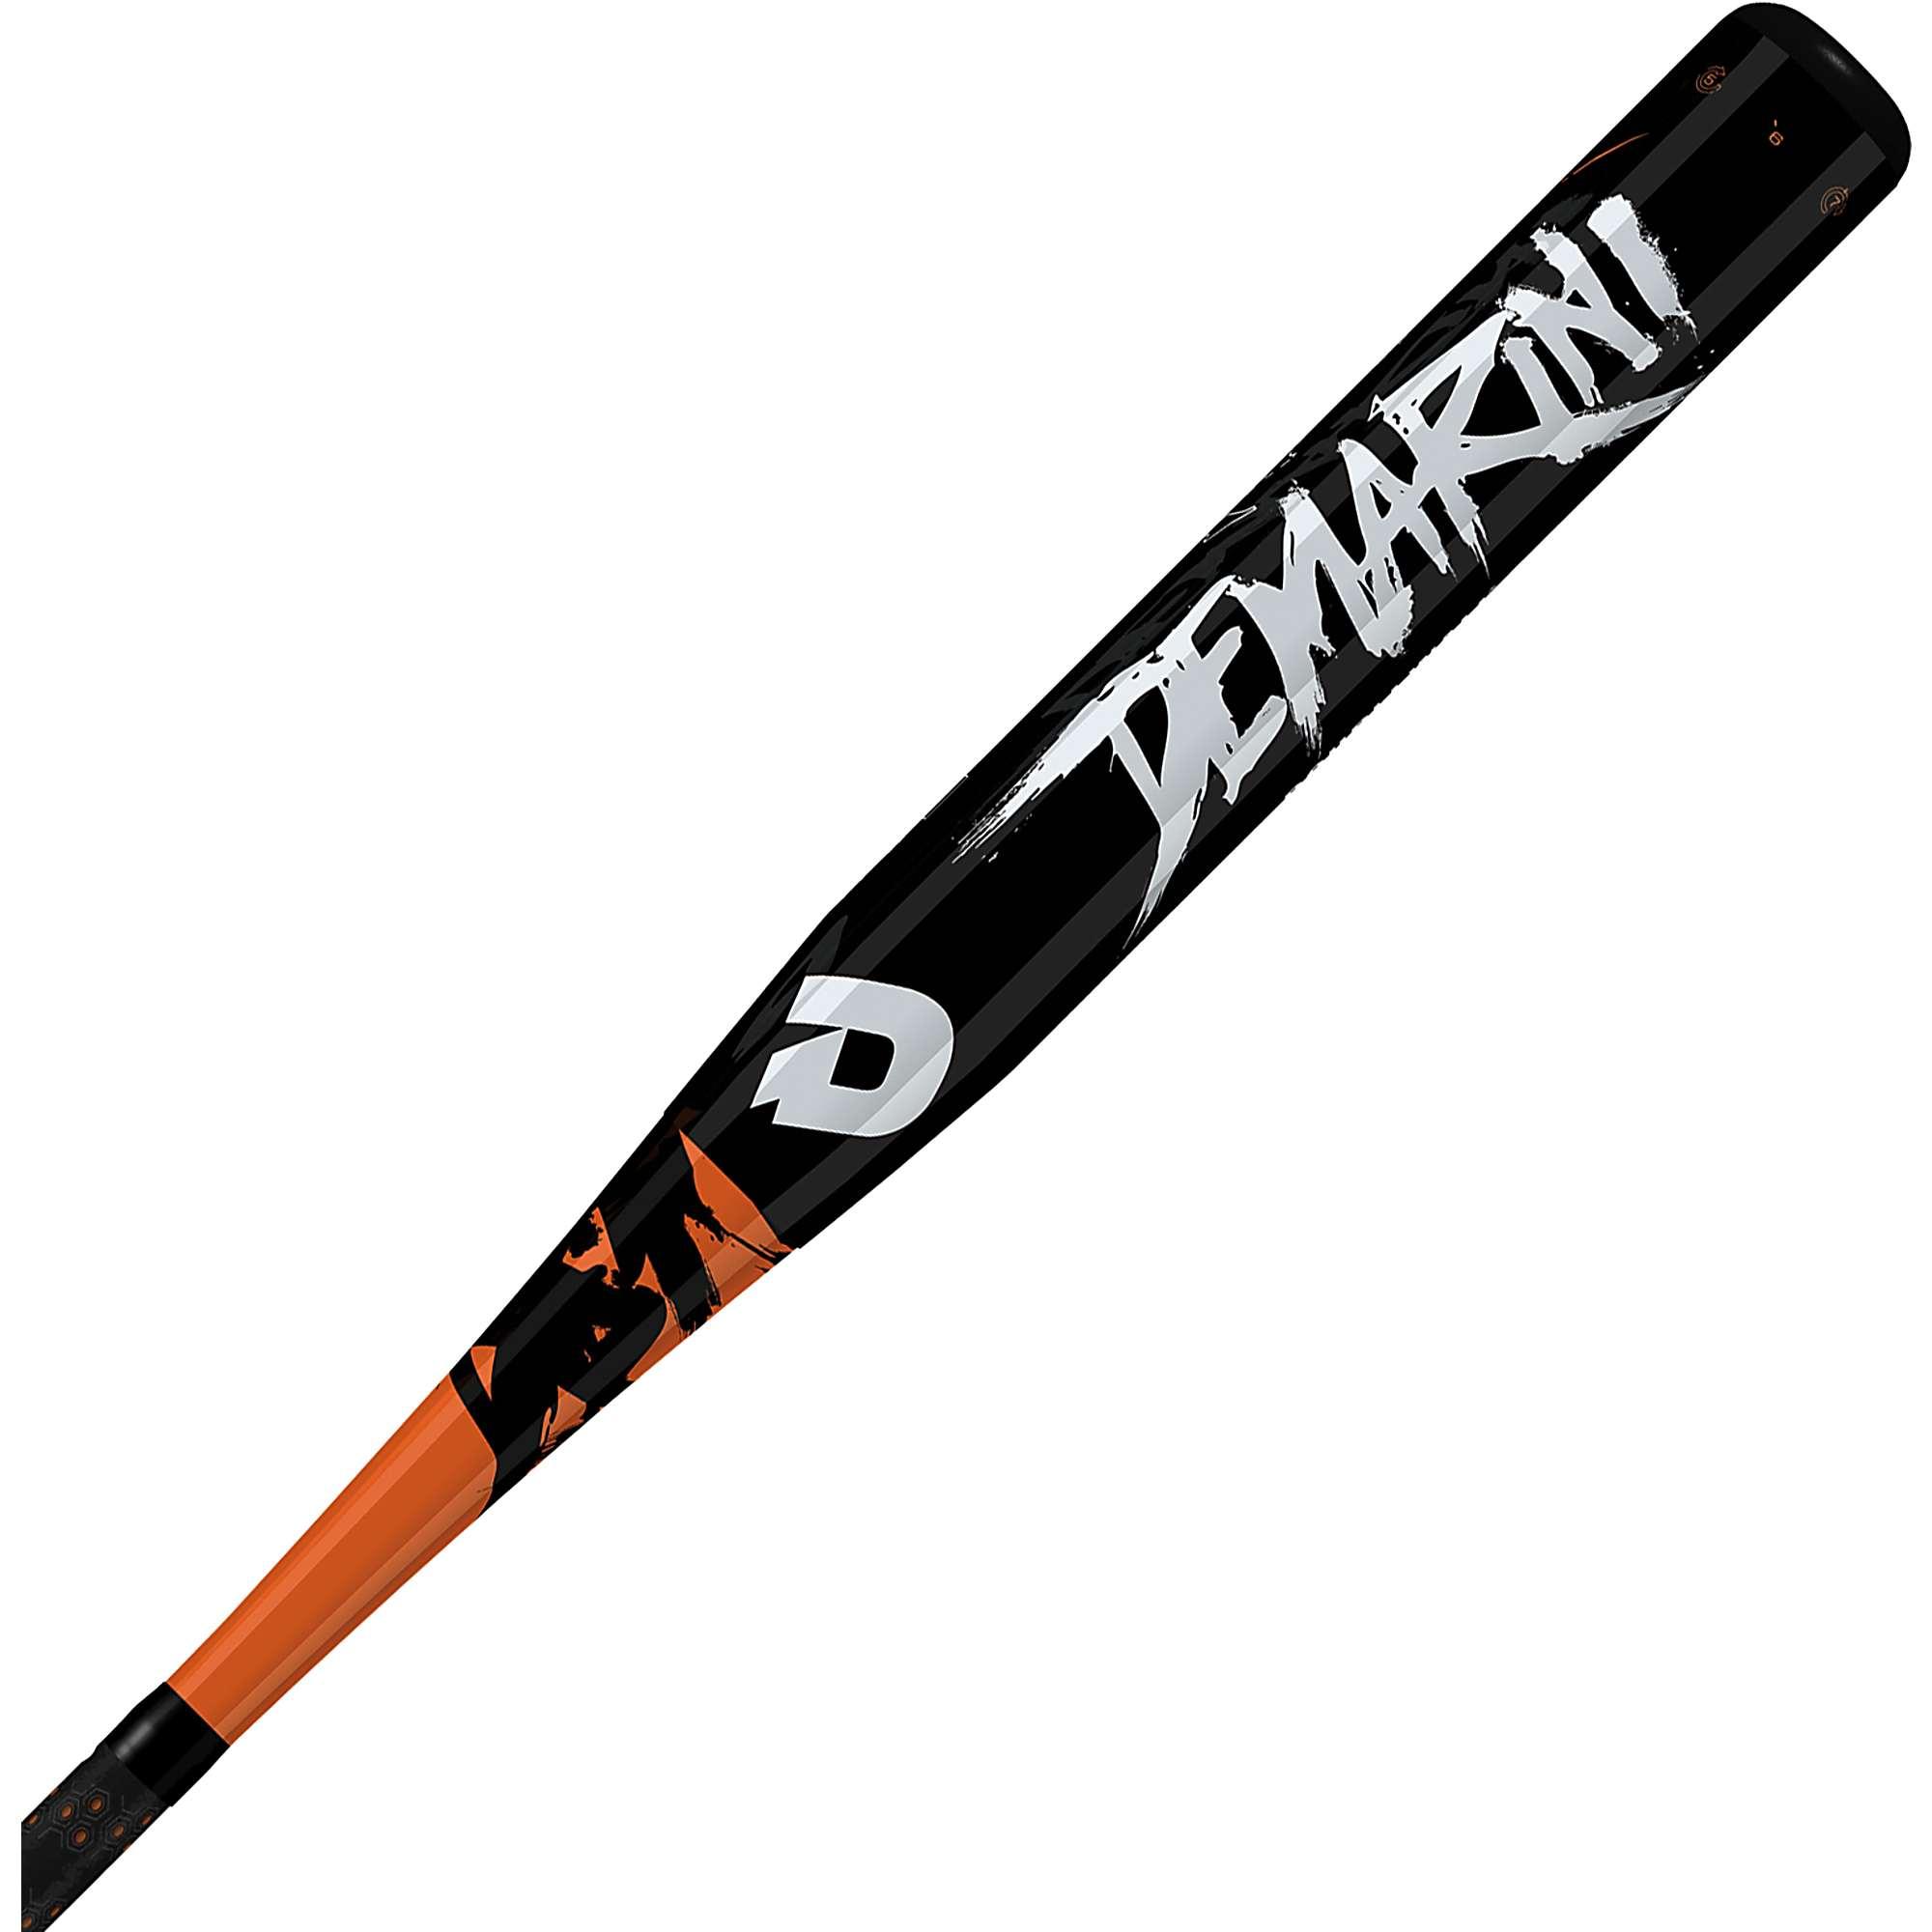 DeMarini Baseball Bats | Top Models at Great Prices ...